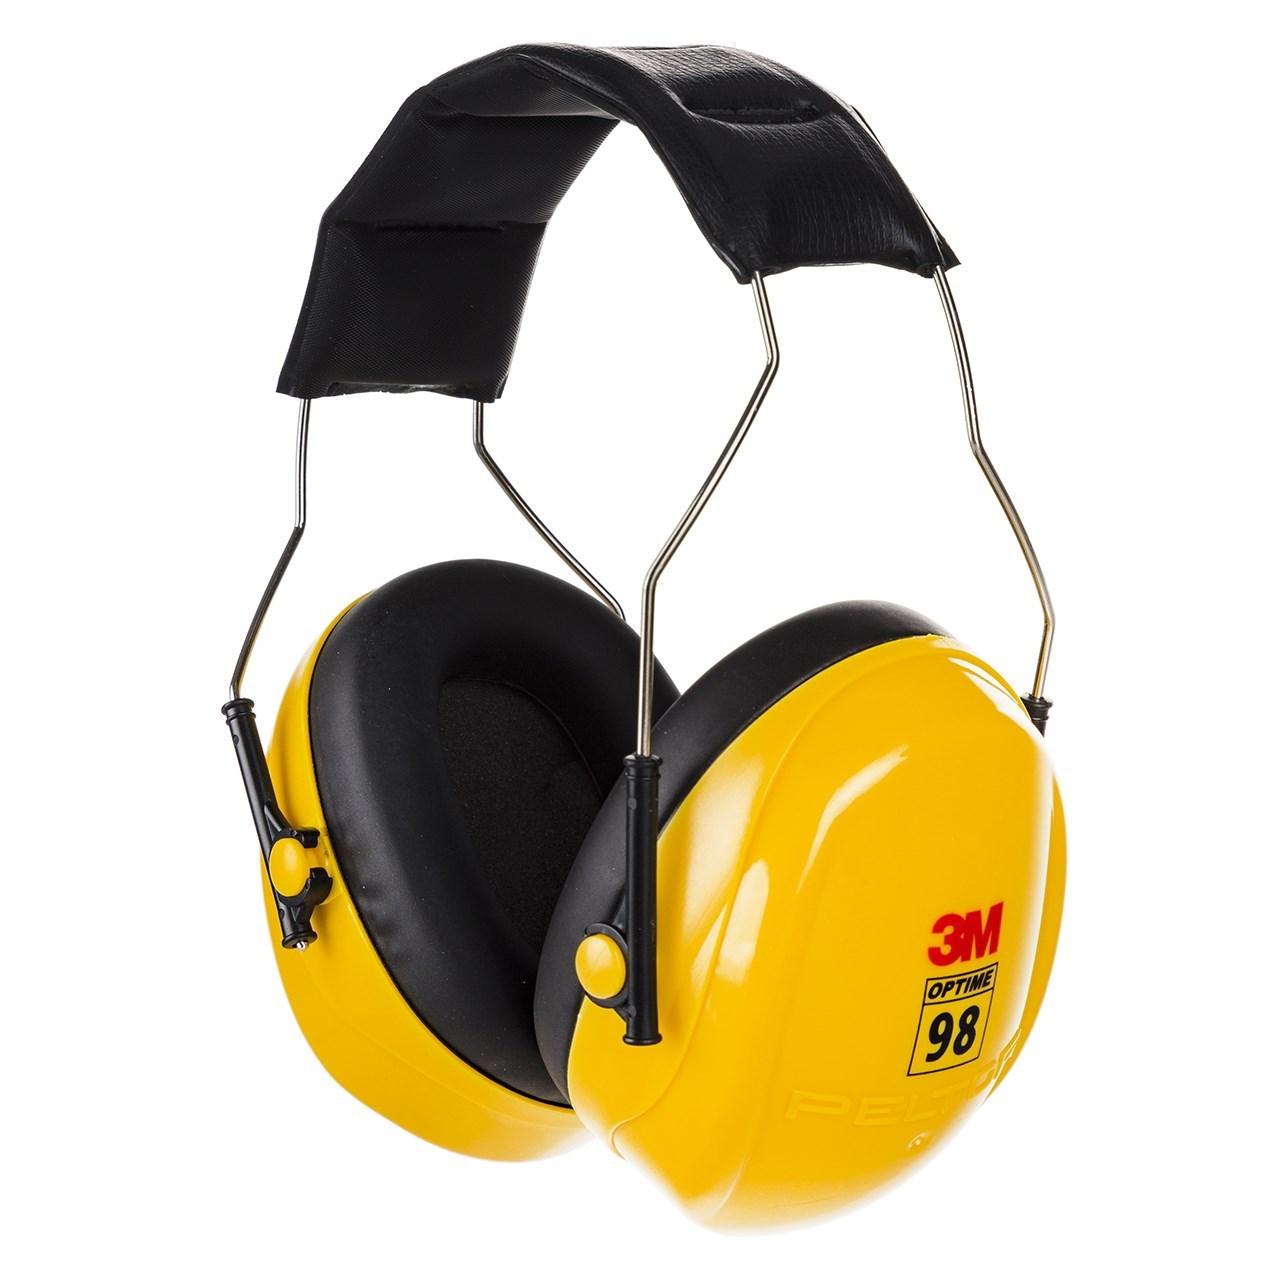 محافظ گوش تری ام پلتور مدل H9